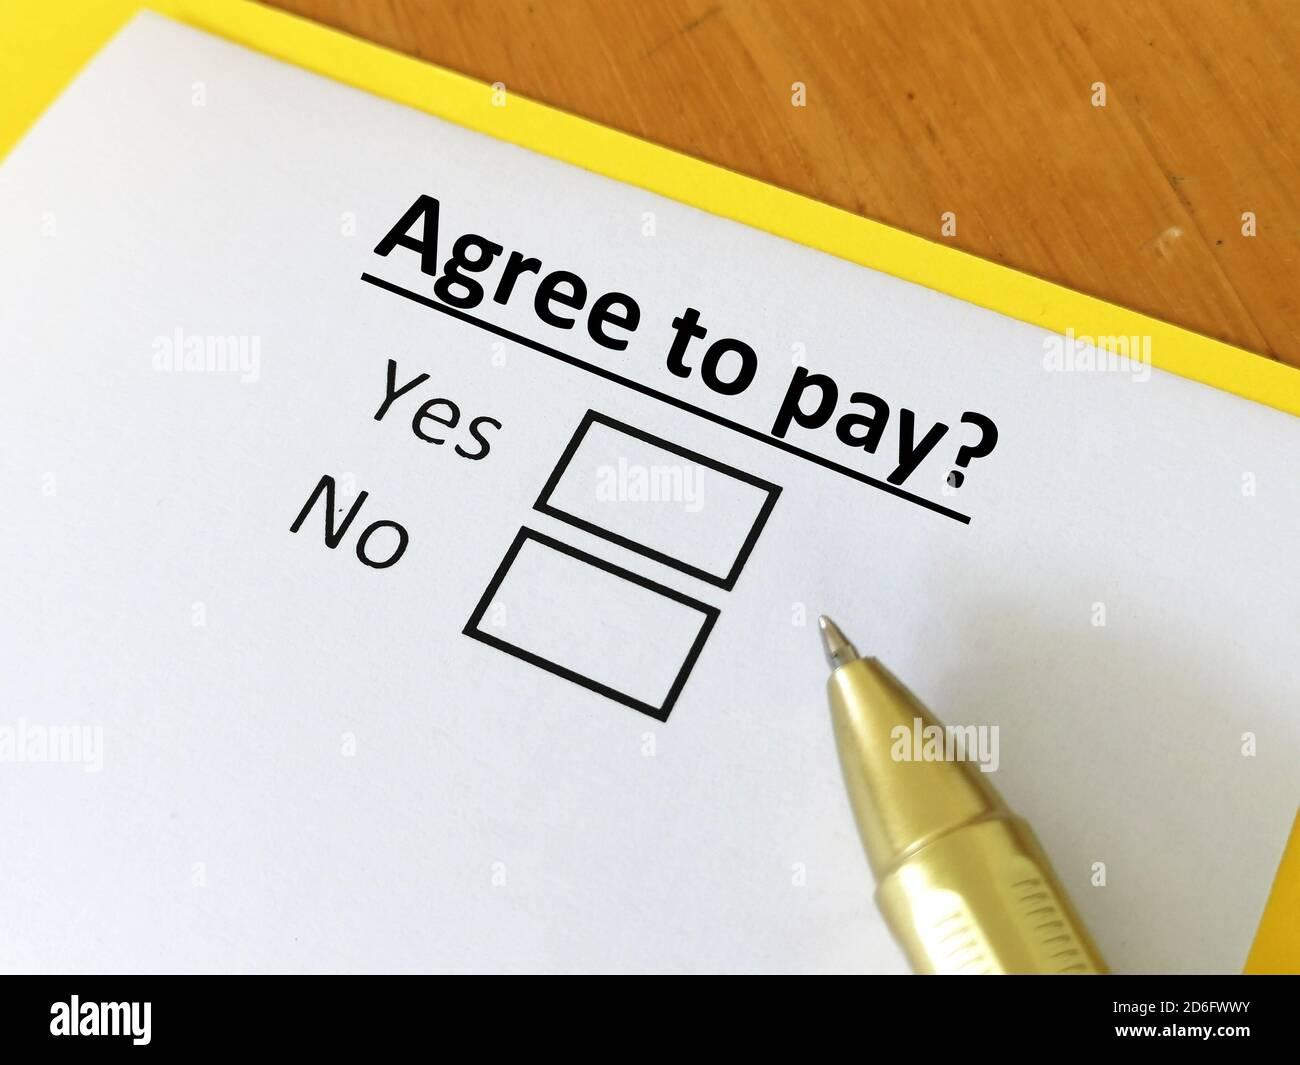 Una persona está respondiendo a la pregunta. La persona está pensando si quiere pagar. Él está eligiendo sí o no Foto de stock